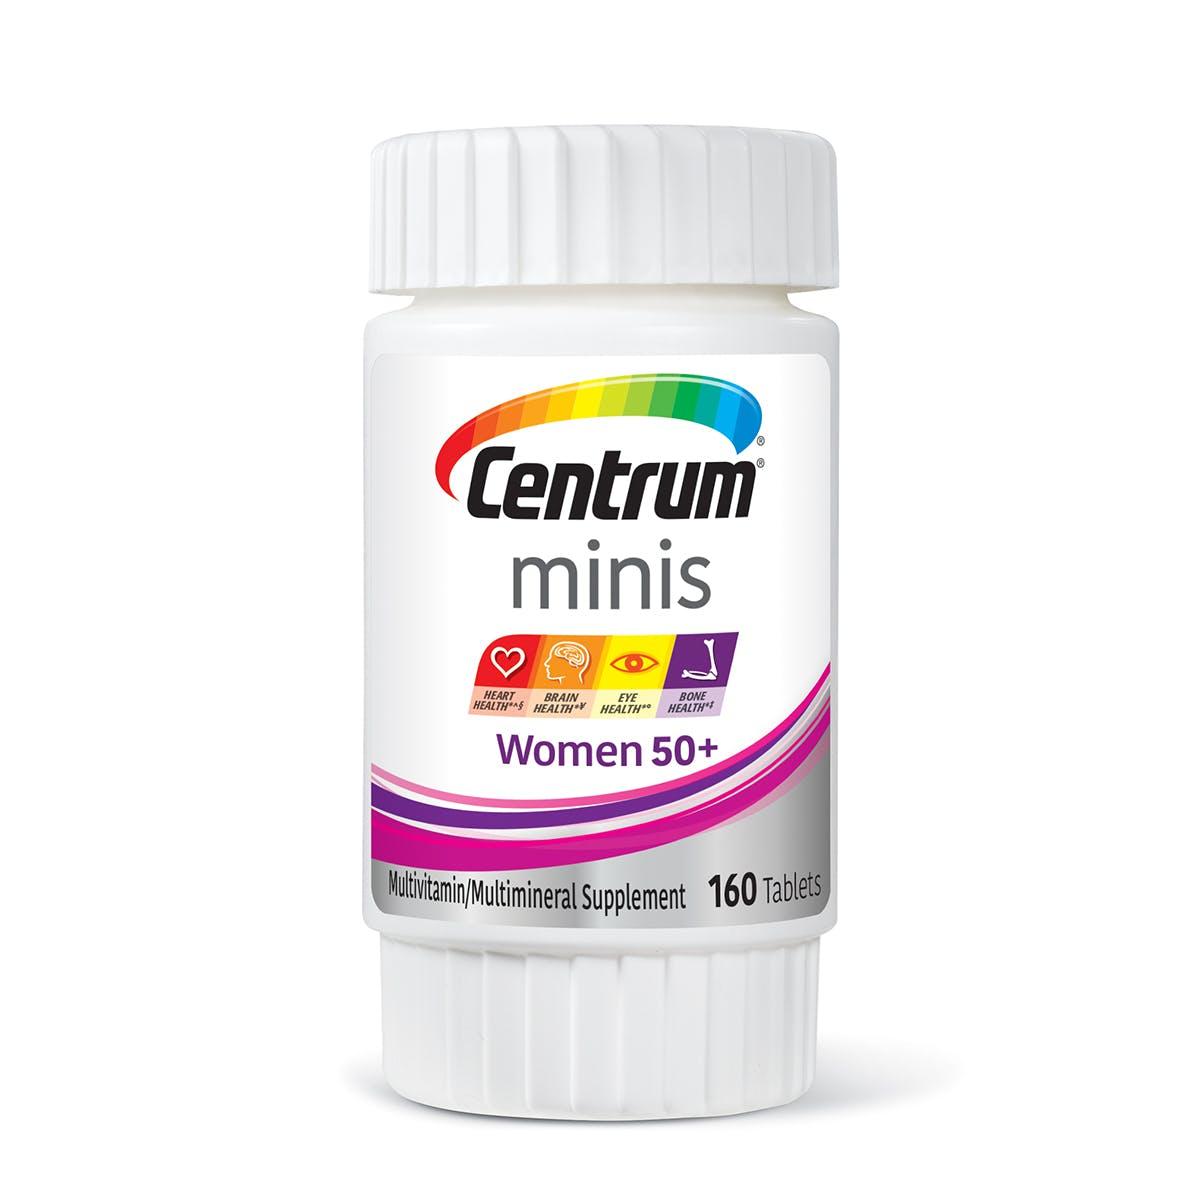 Bottle of Centrum Minis Women 50plus multivitamins